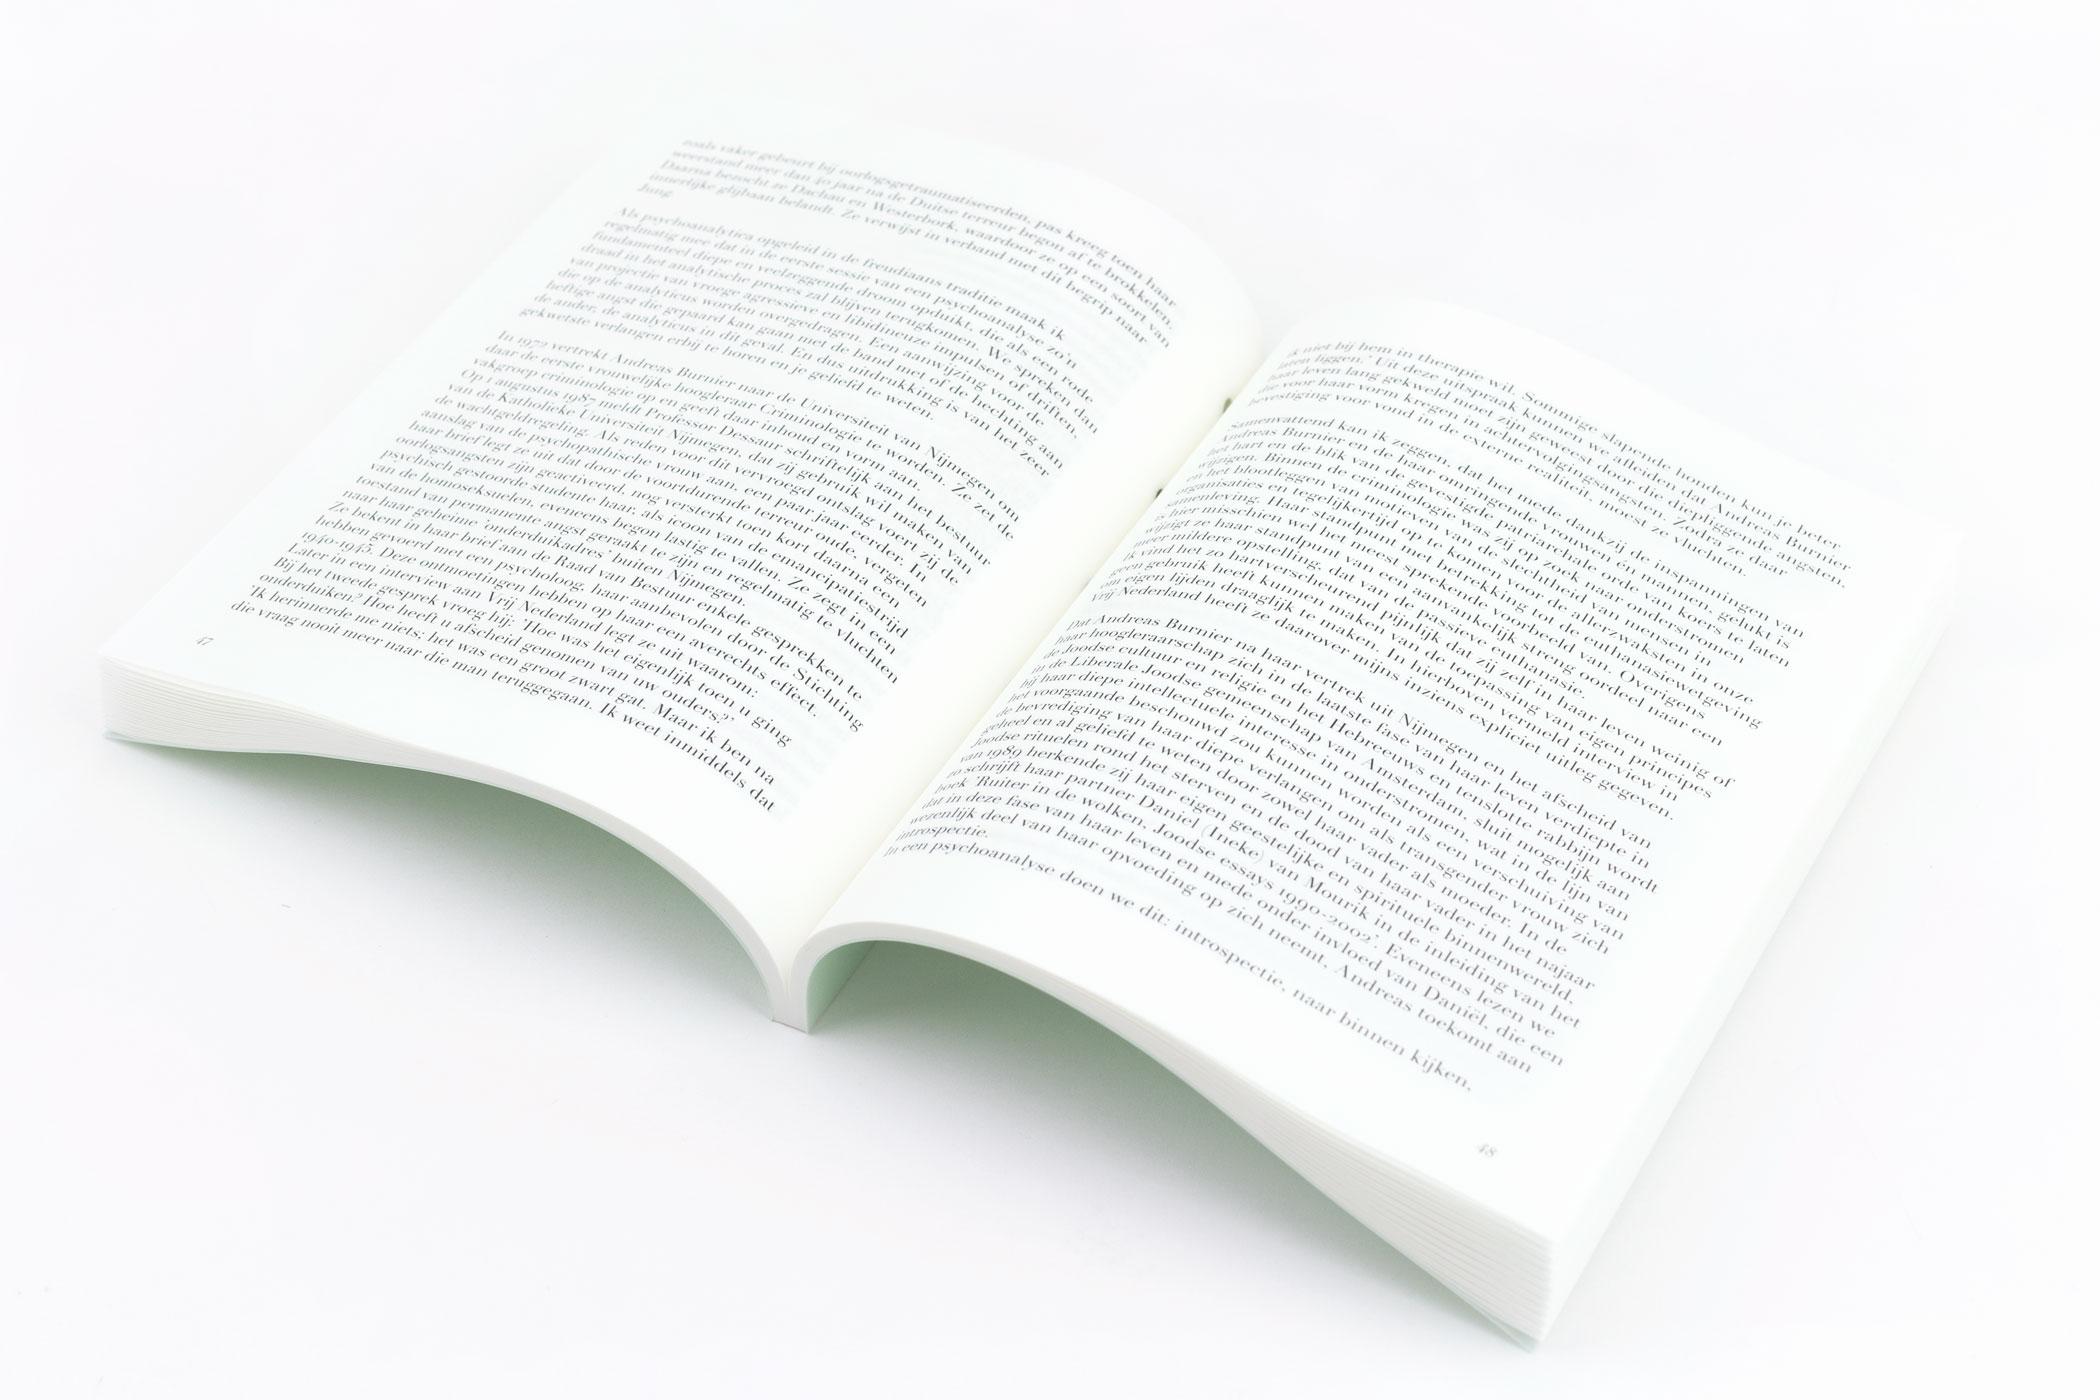 Rolien van Mechelen kwam naar de Monsterkamer om papier uit te zoeken voor het boekDe biografie in psychoanalyse.